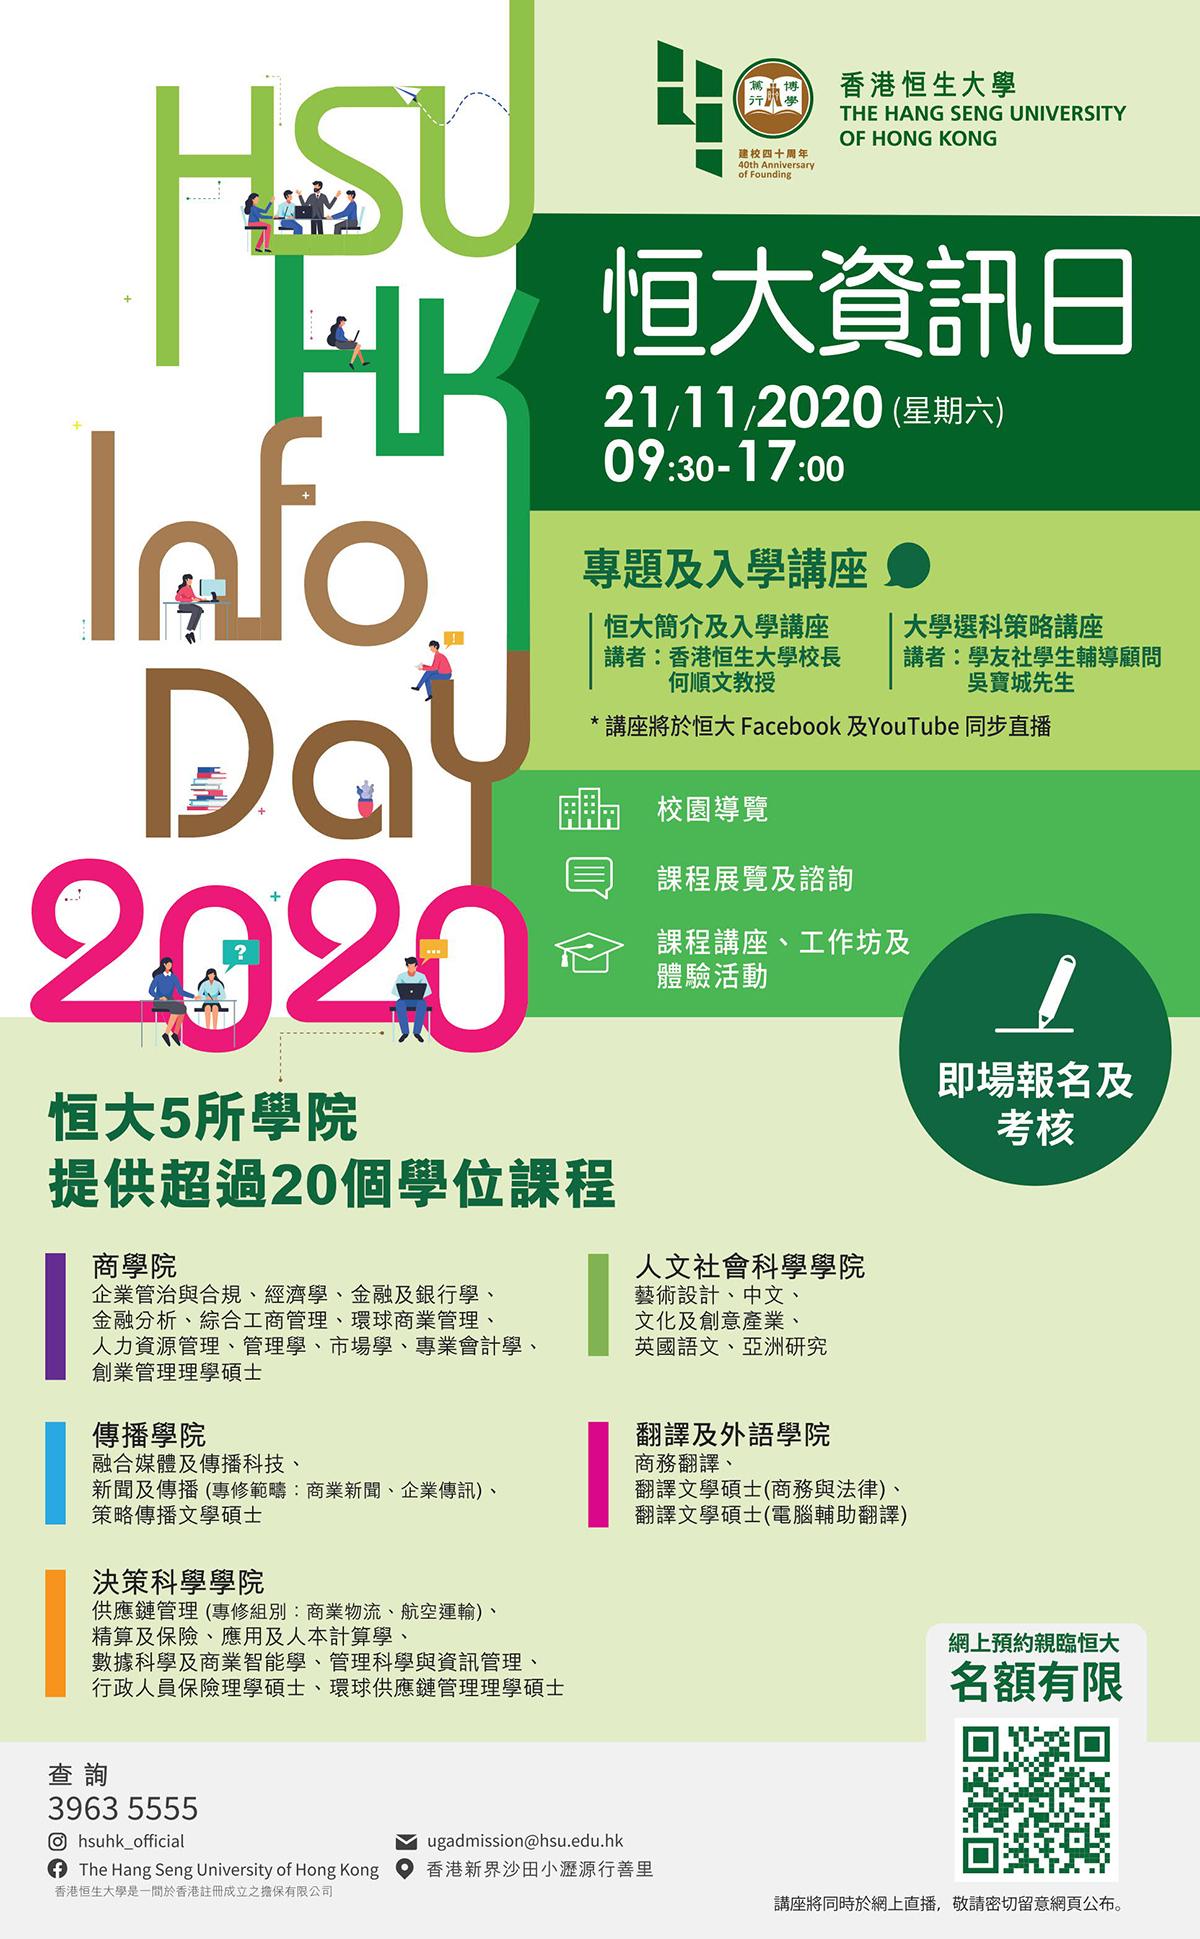 恒大「資訊日2020」 設專題及入學講座 提供即場報名及考核